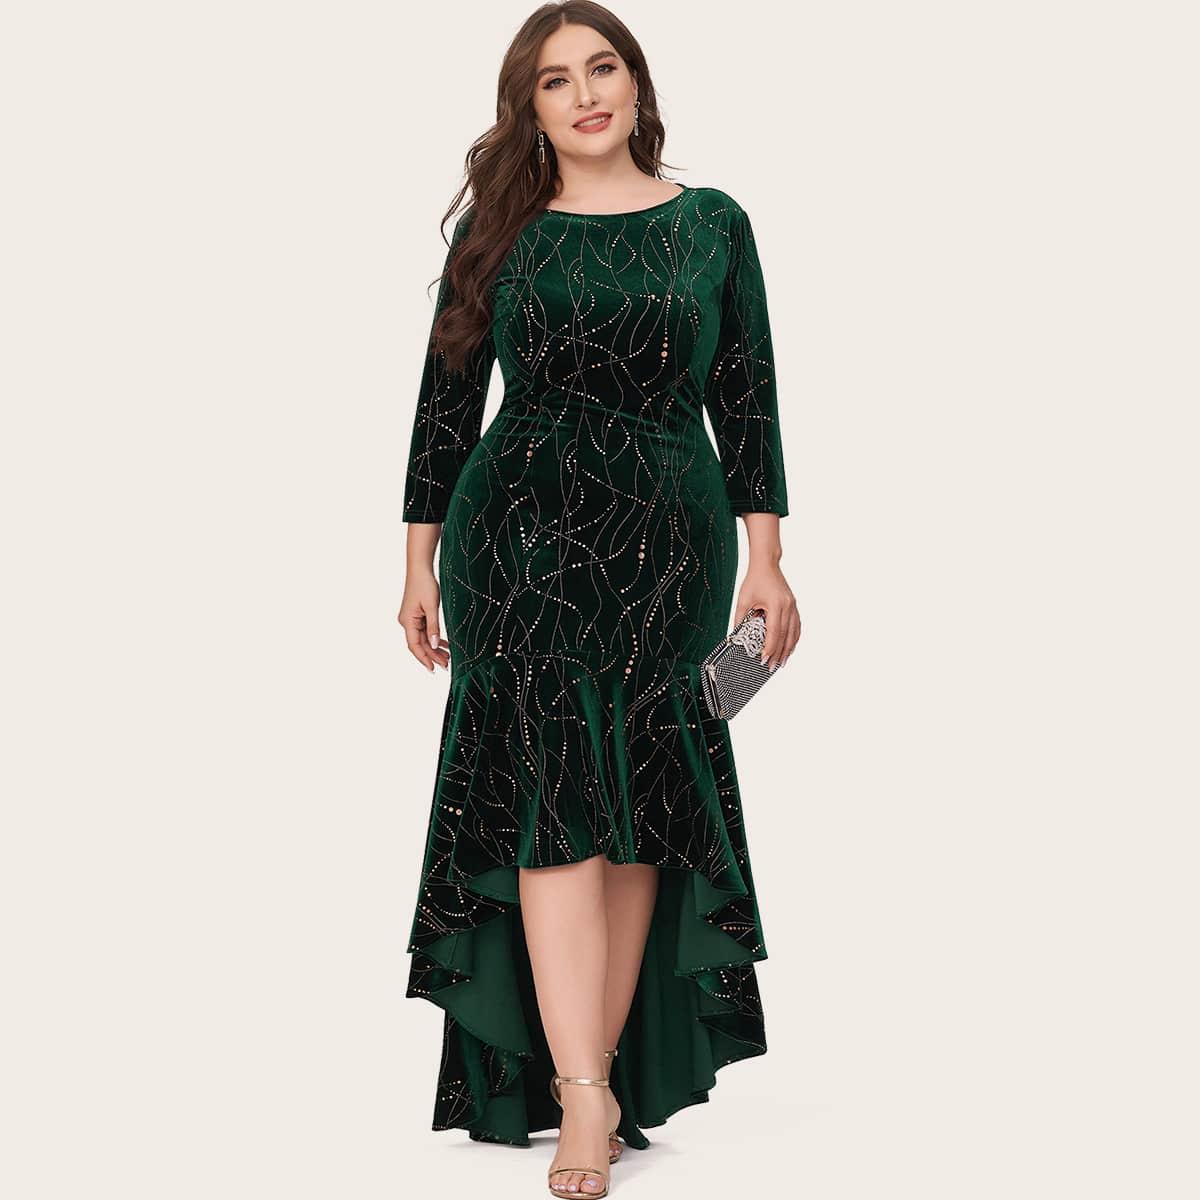 Асимметричное бархатное платье размера плюс с геометрическим принтом